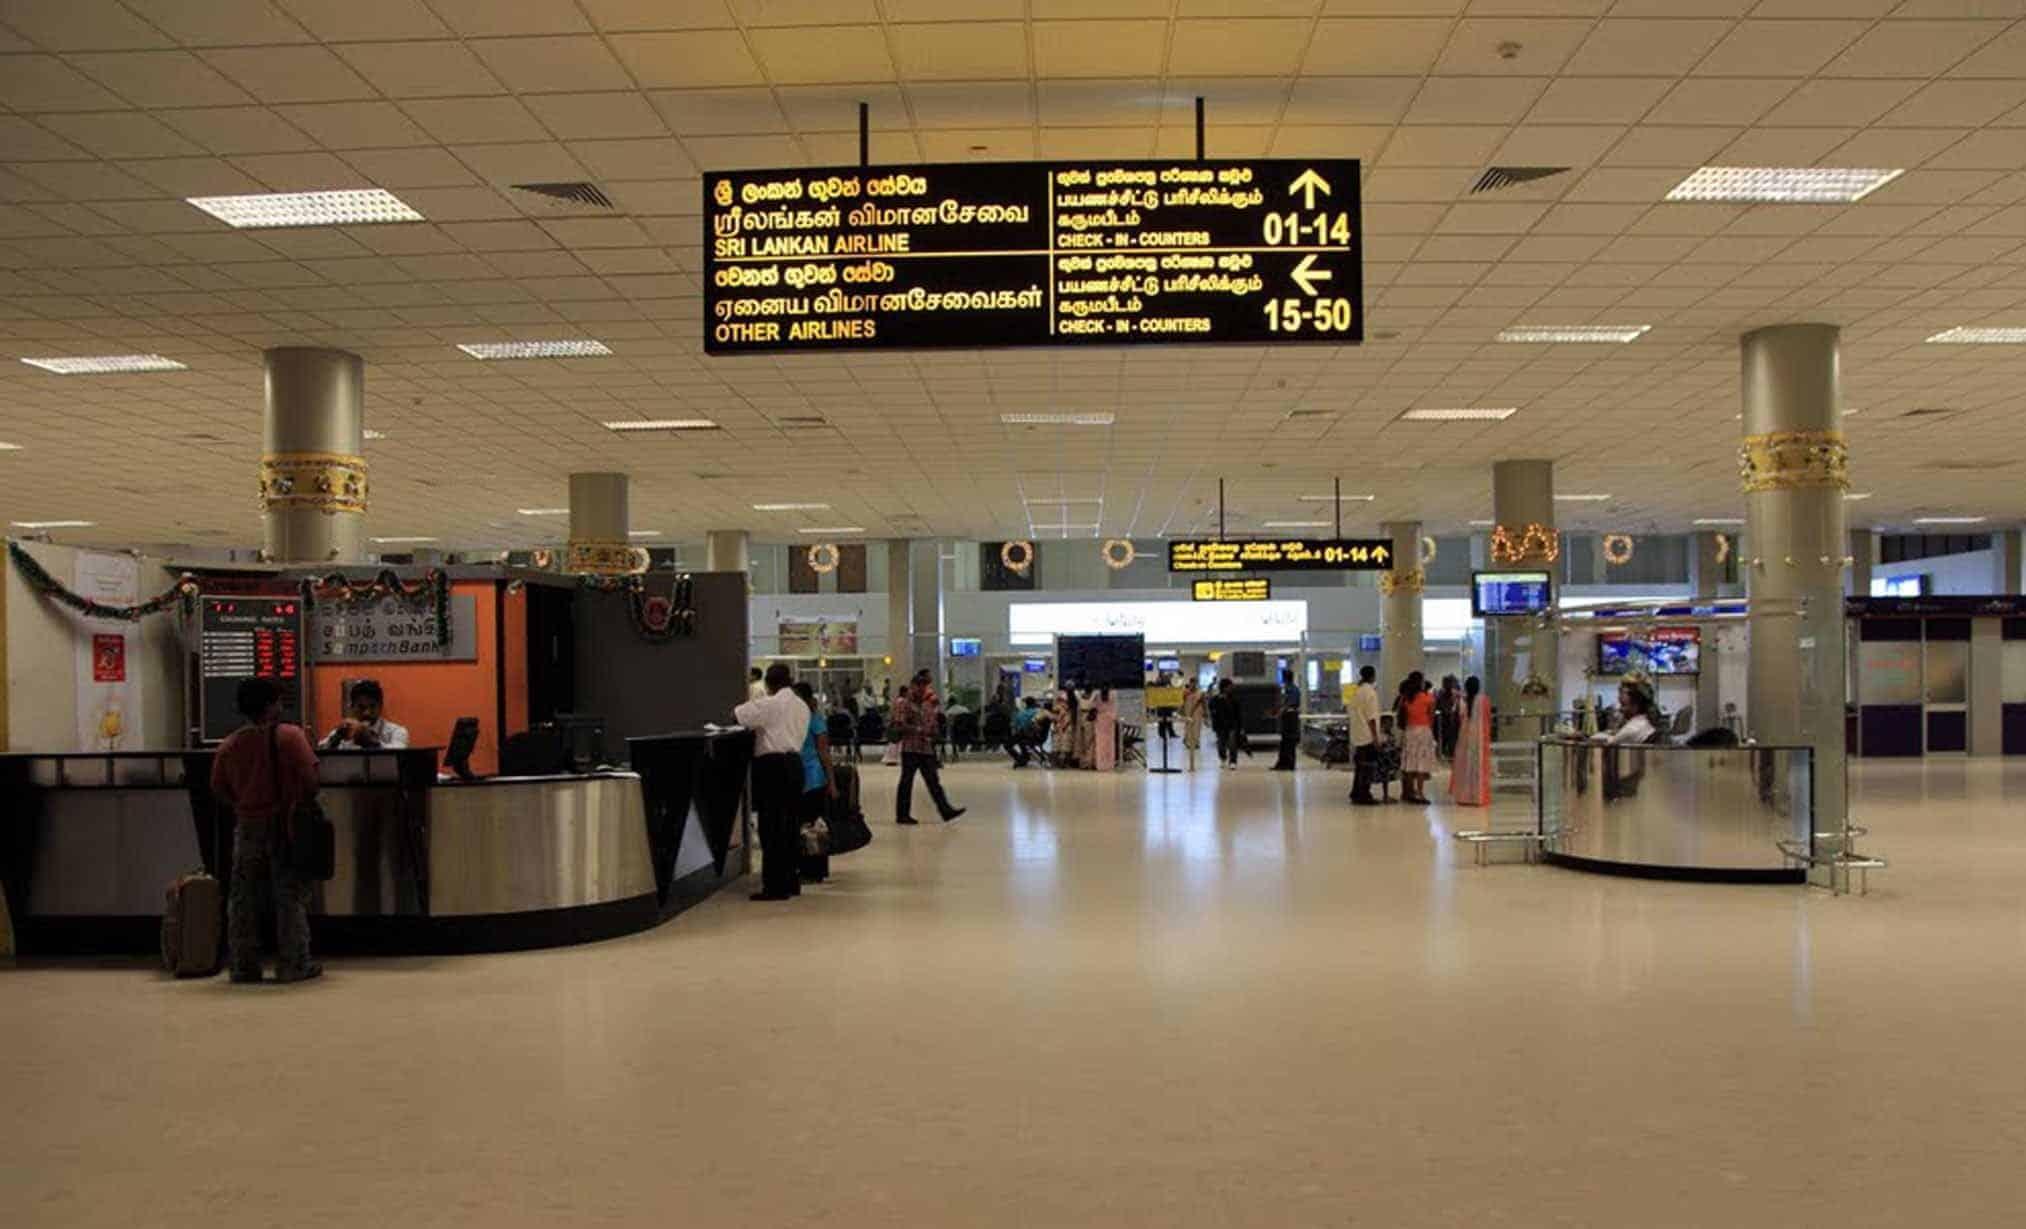 مطار كولومبو الدولي